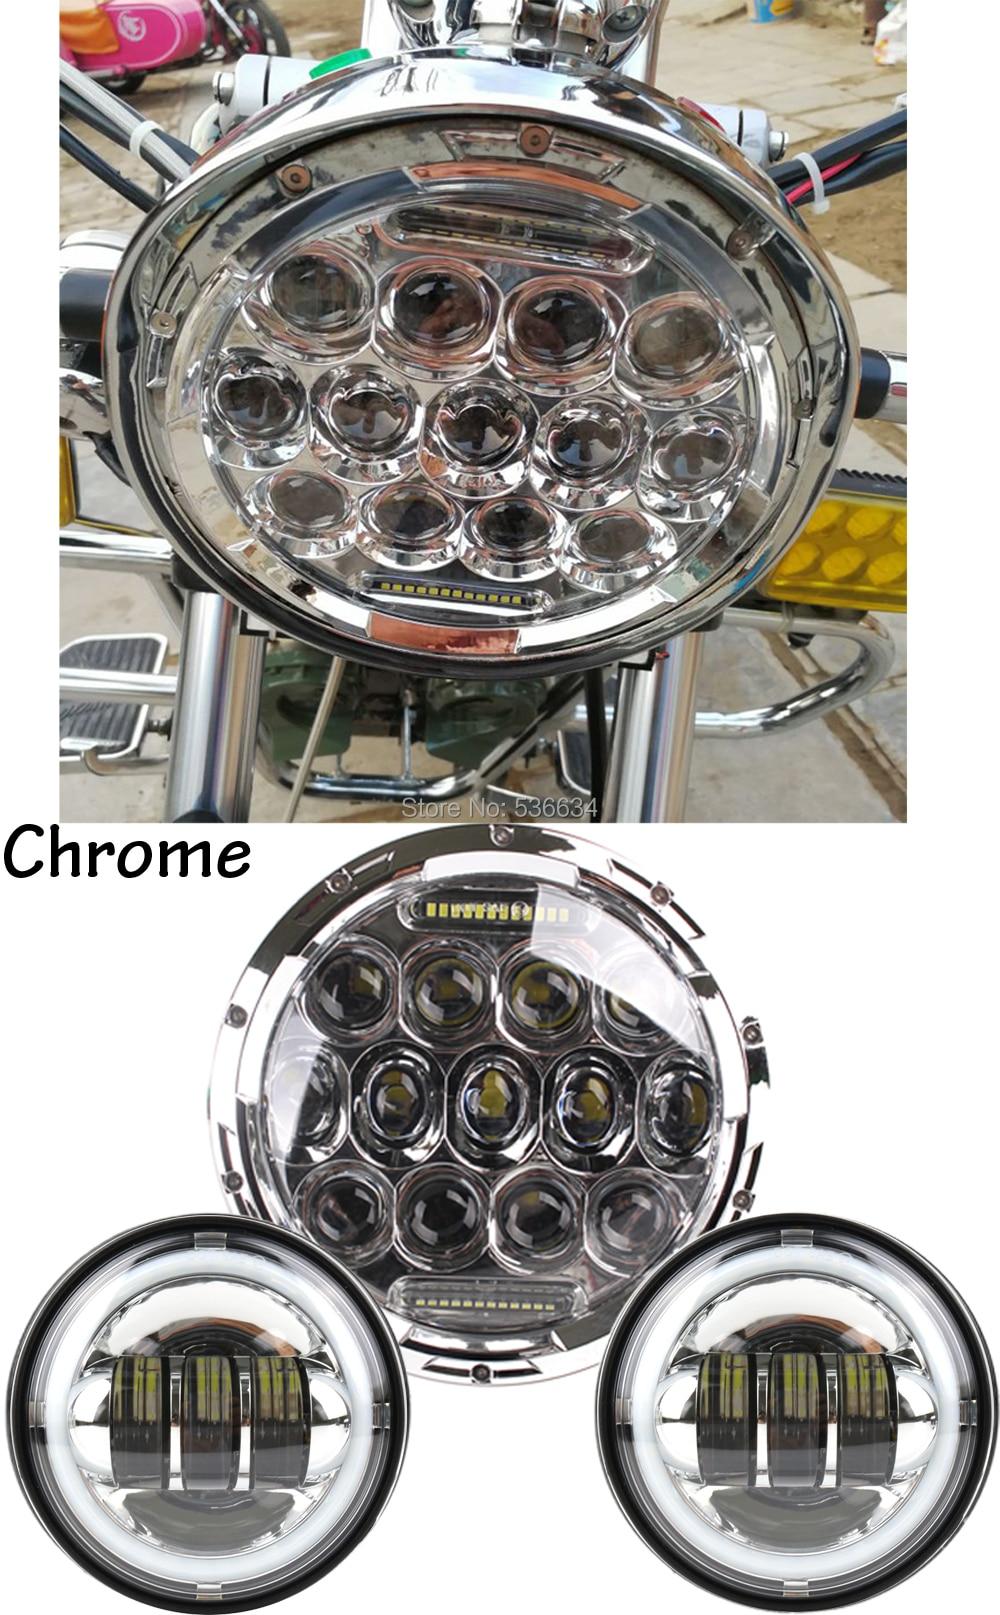 7-дюймовый светодиодные фары Daymaker проектор соответствующий 4.5-дюймовый LED ближнего света, Противотуманные фары HaloFor Харлей Дэвидсон Электра Глайд Ультра